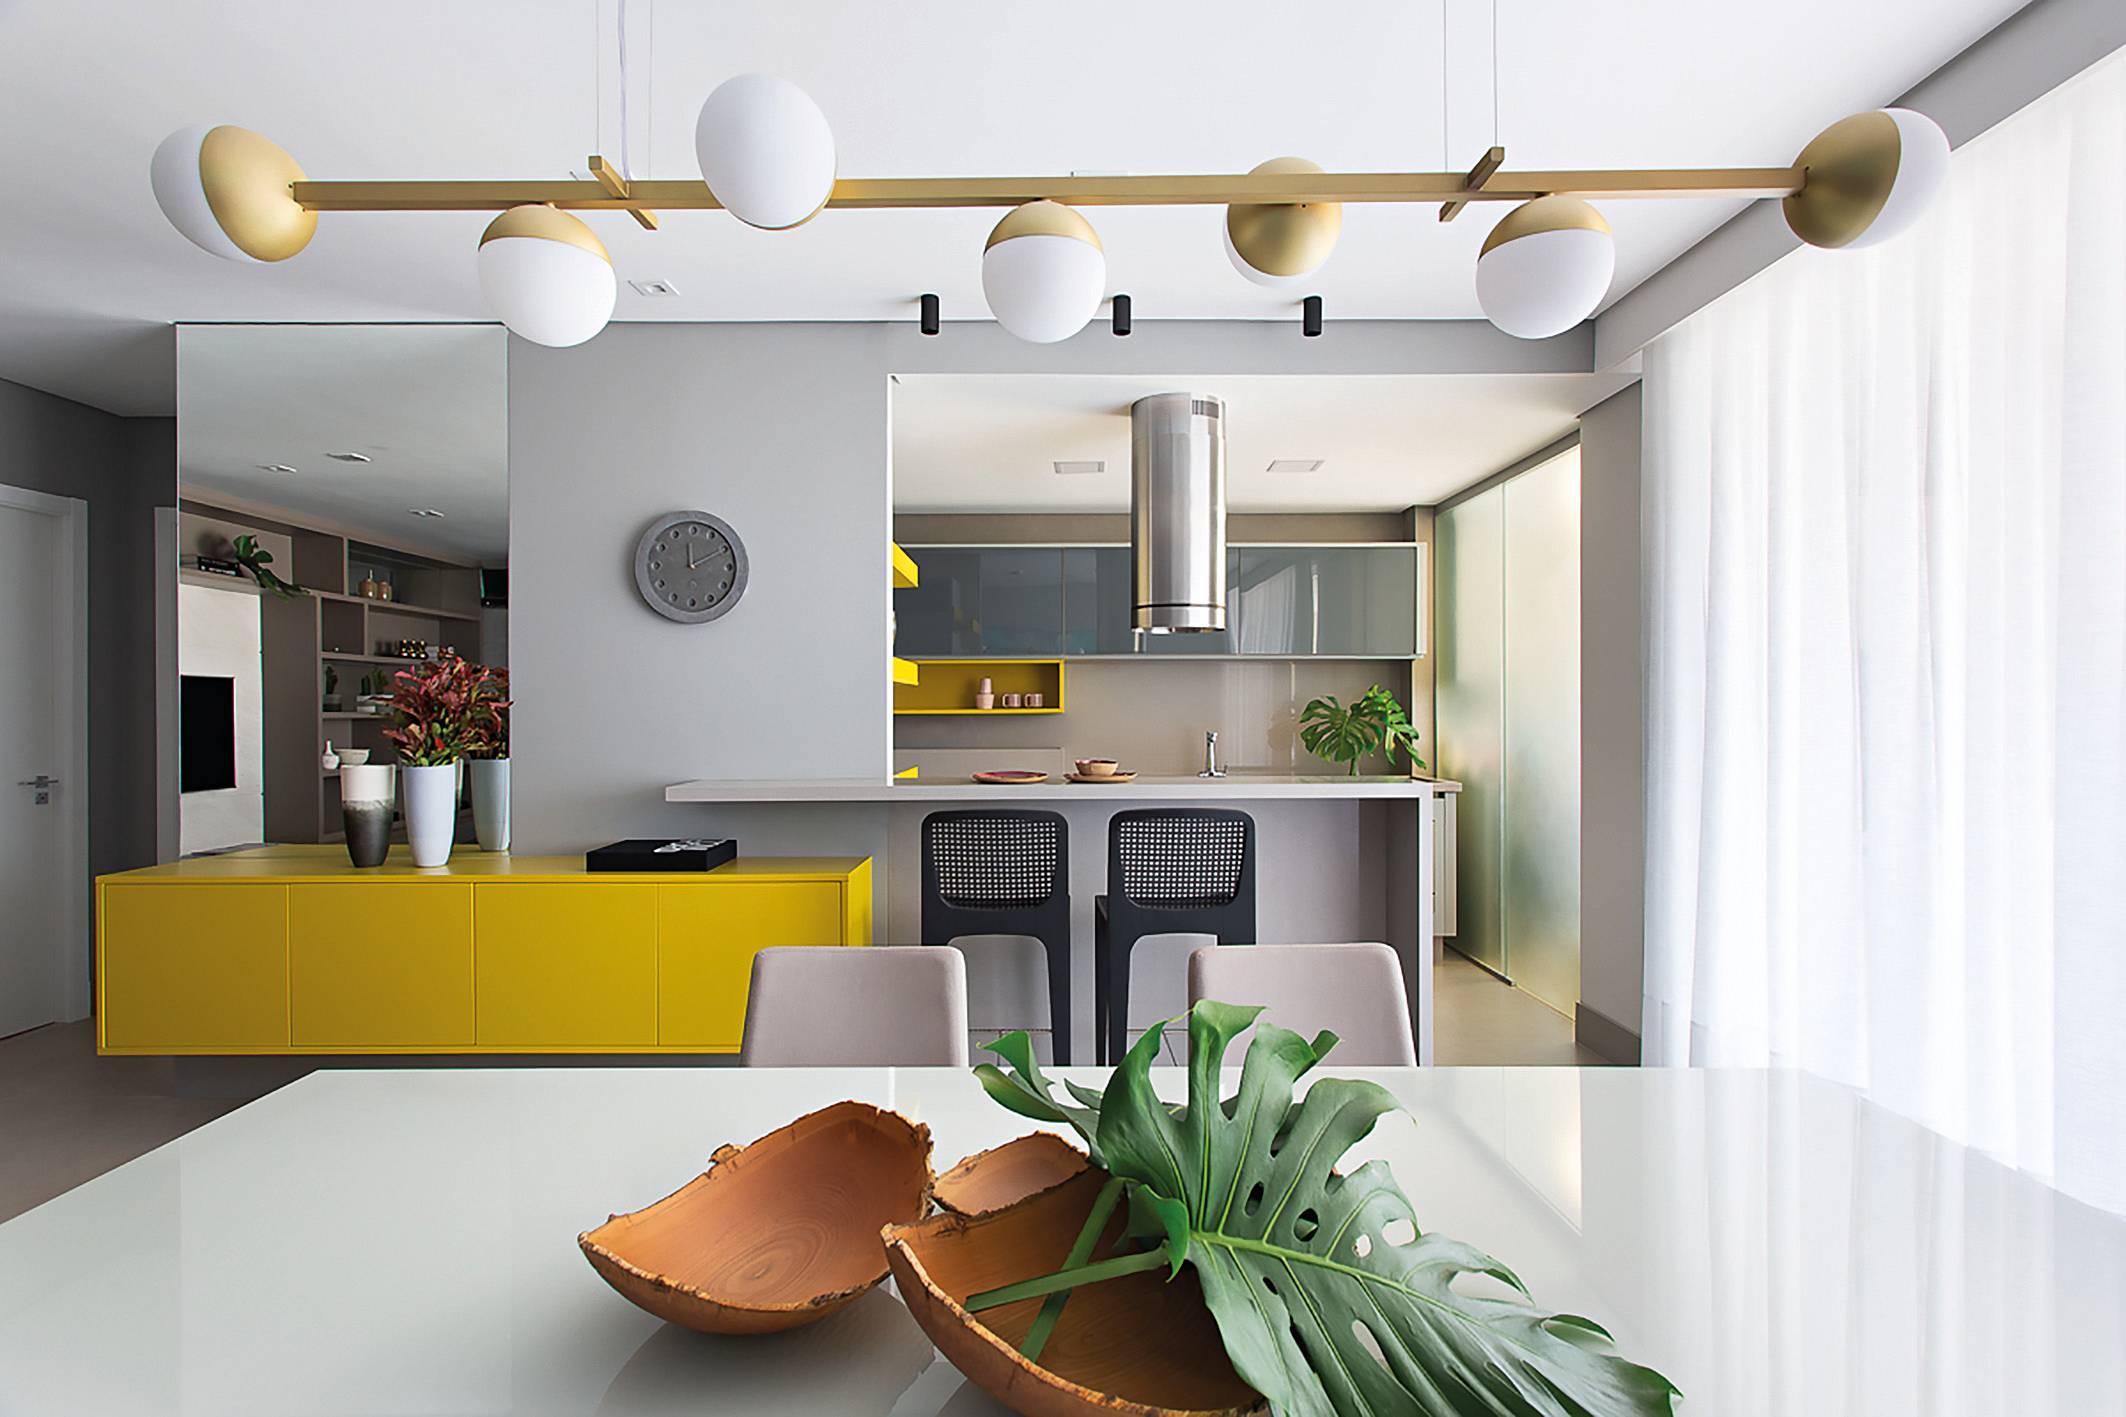 Cozinhas modernas integram diferentes partes da casa em uma só área.